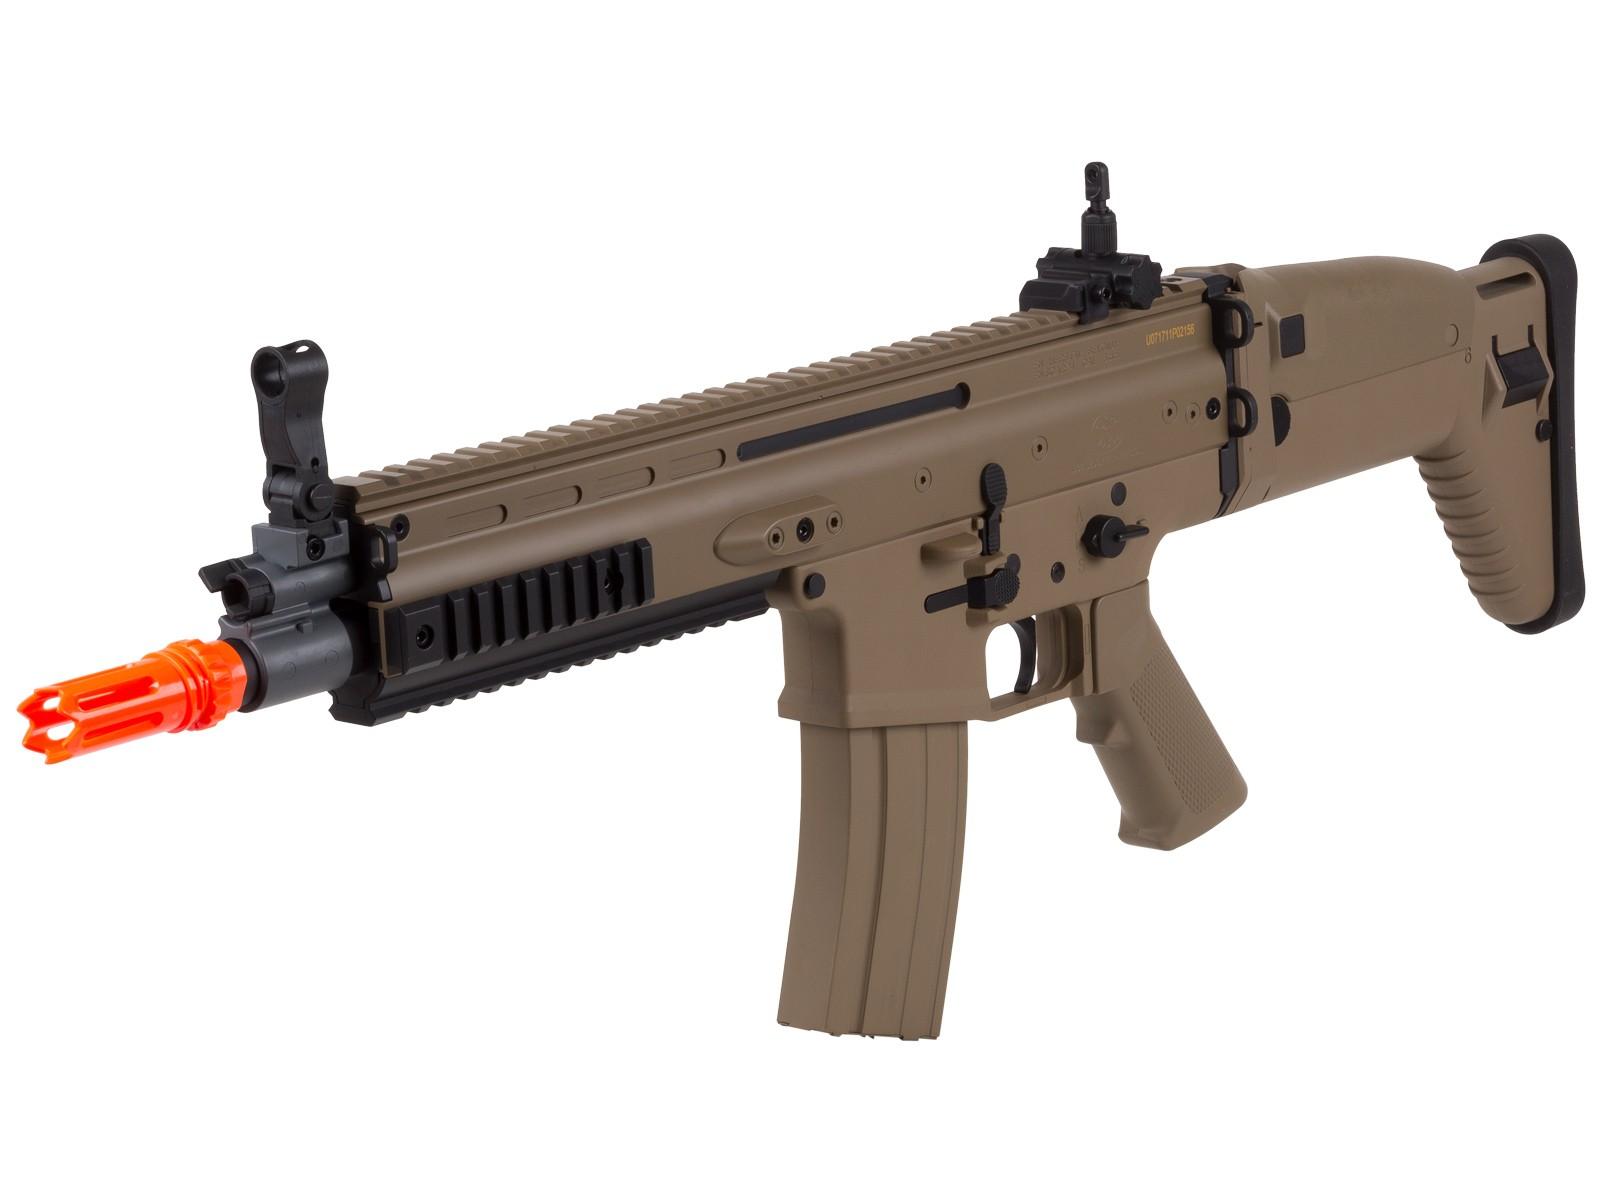 FN_SCARL_AEG_Airsoft_Rifle_Tan_6mm